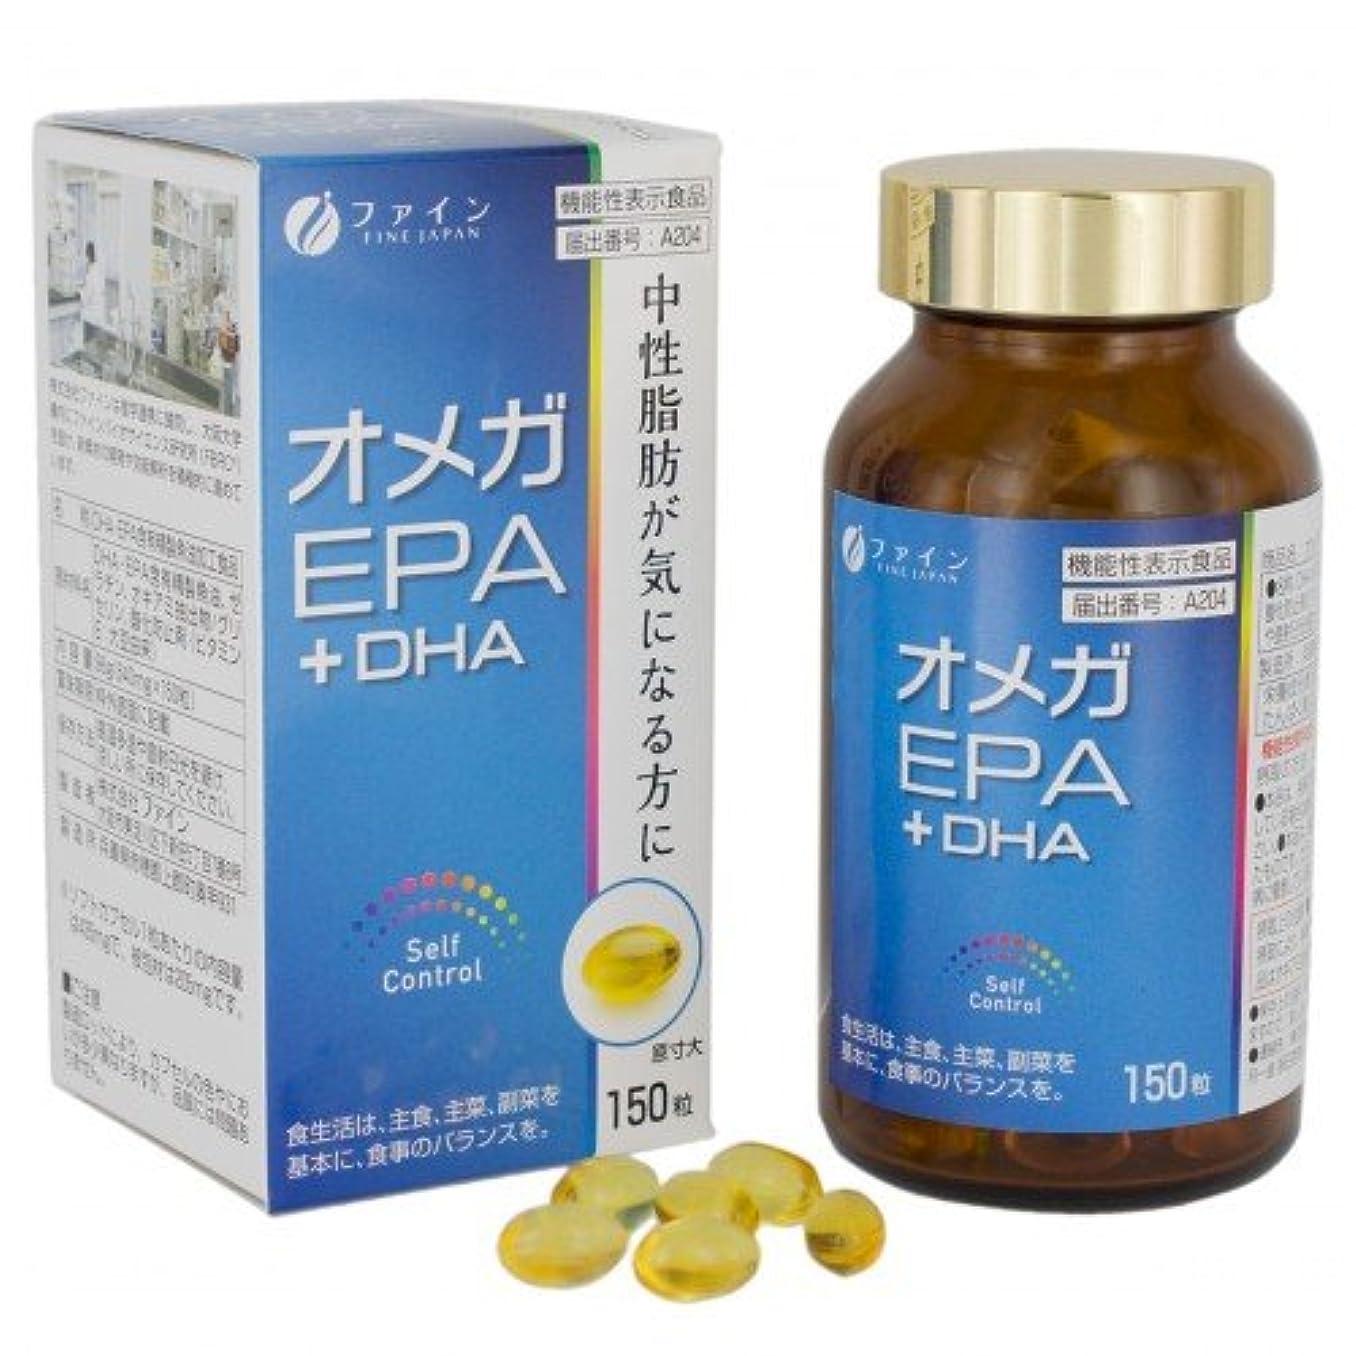 心理的限りなくいじめっ子ファイン 機能性表示食品 オメガEPA+DHA 150粒 中性脂肪が気になる方に